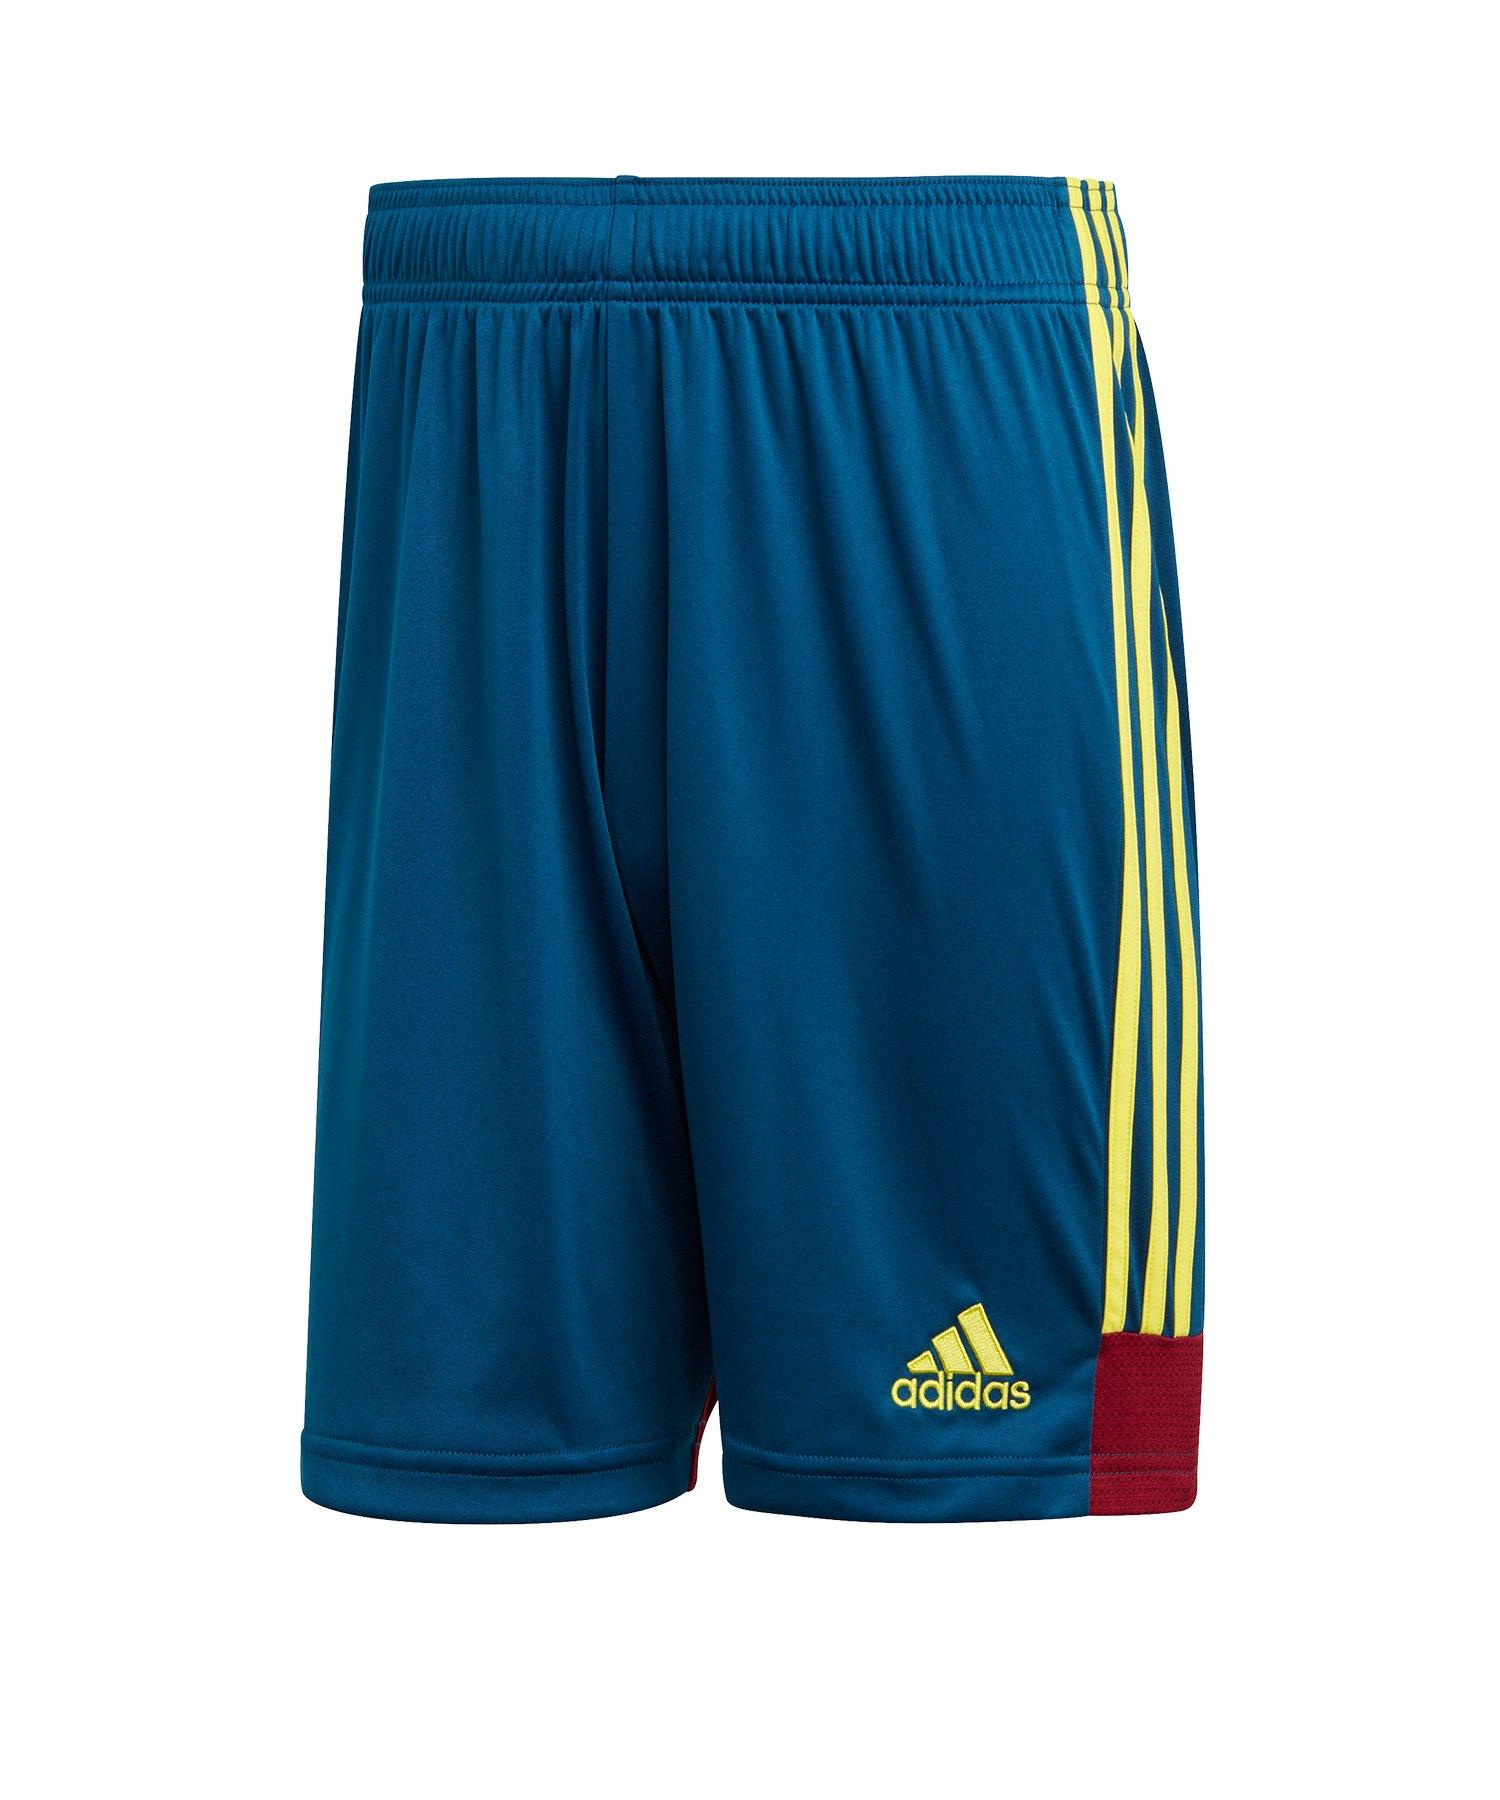 adidas Tastigo 19 Short Blau Gelb - blau